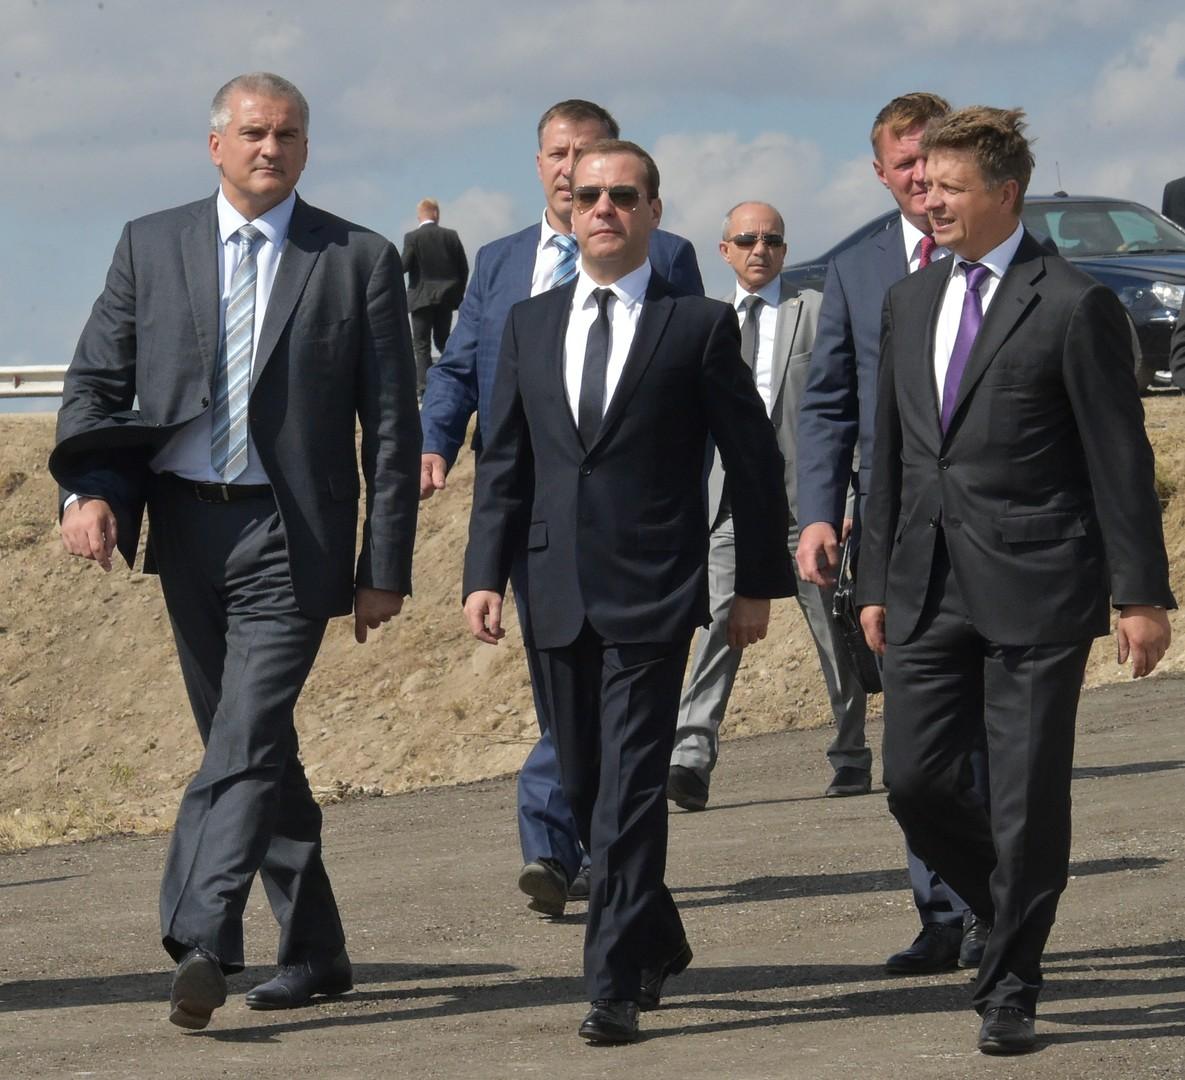 Dmitri Medwedew ist zur Dienstreise in Kertsch angekommen